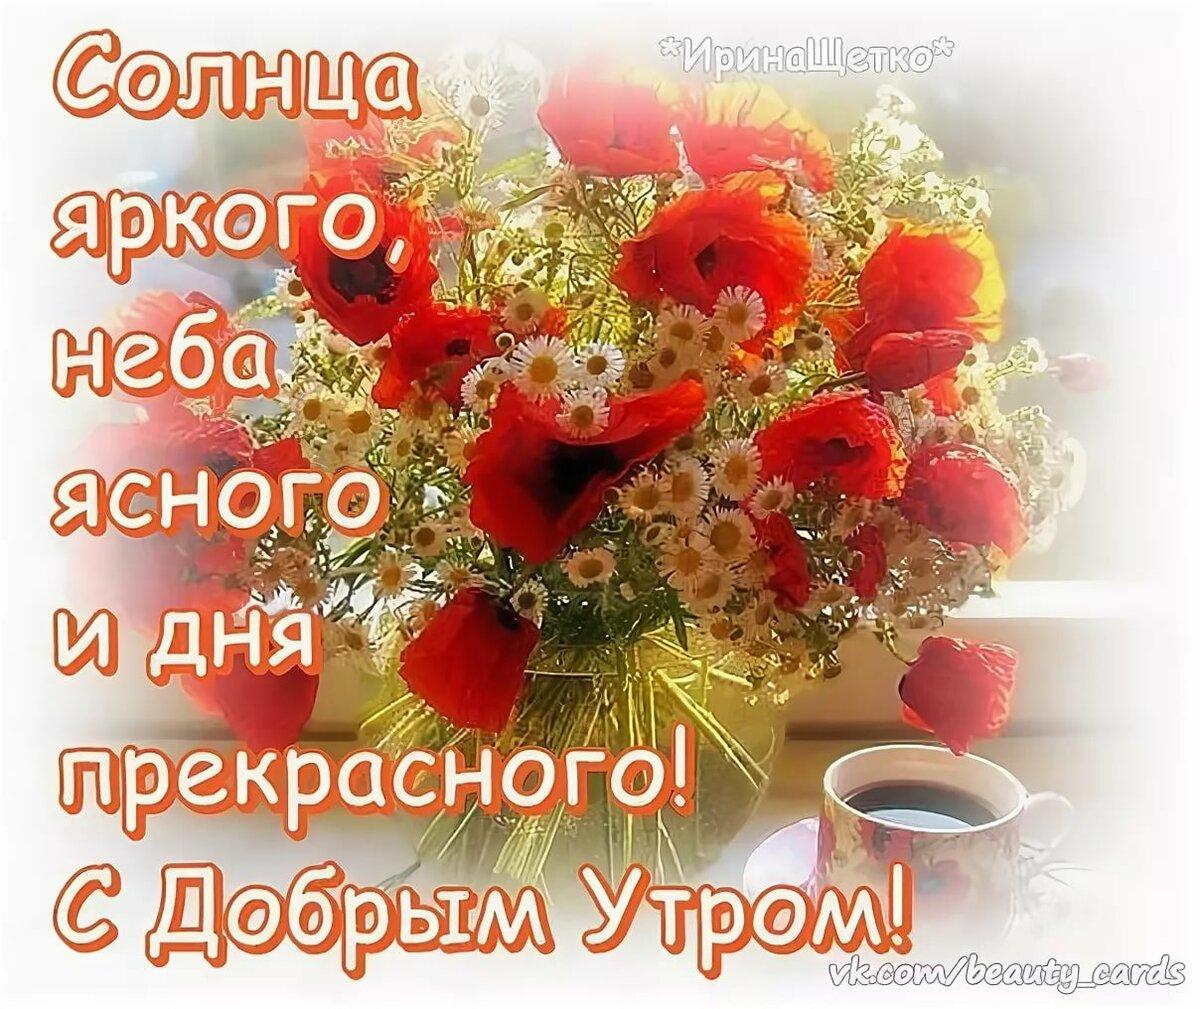 Красивые добродушные поздравления с добрым утром